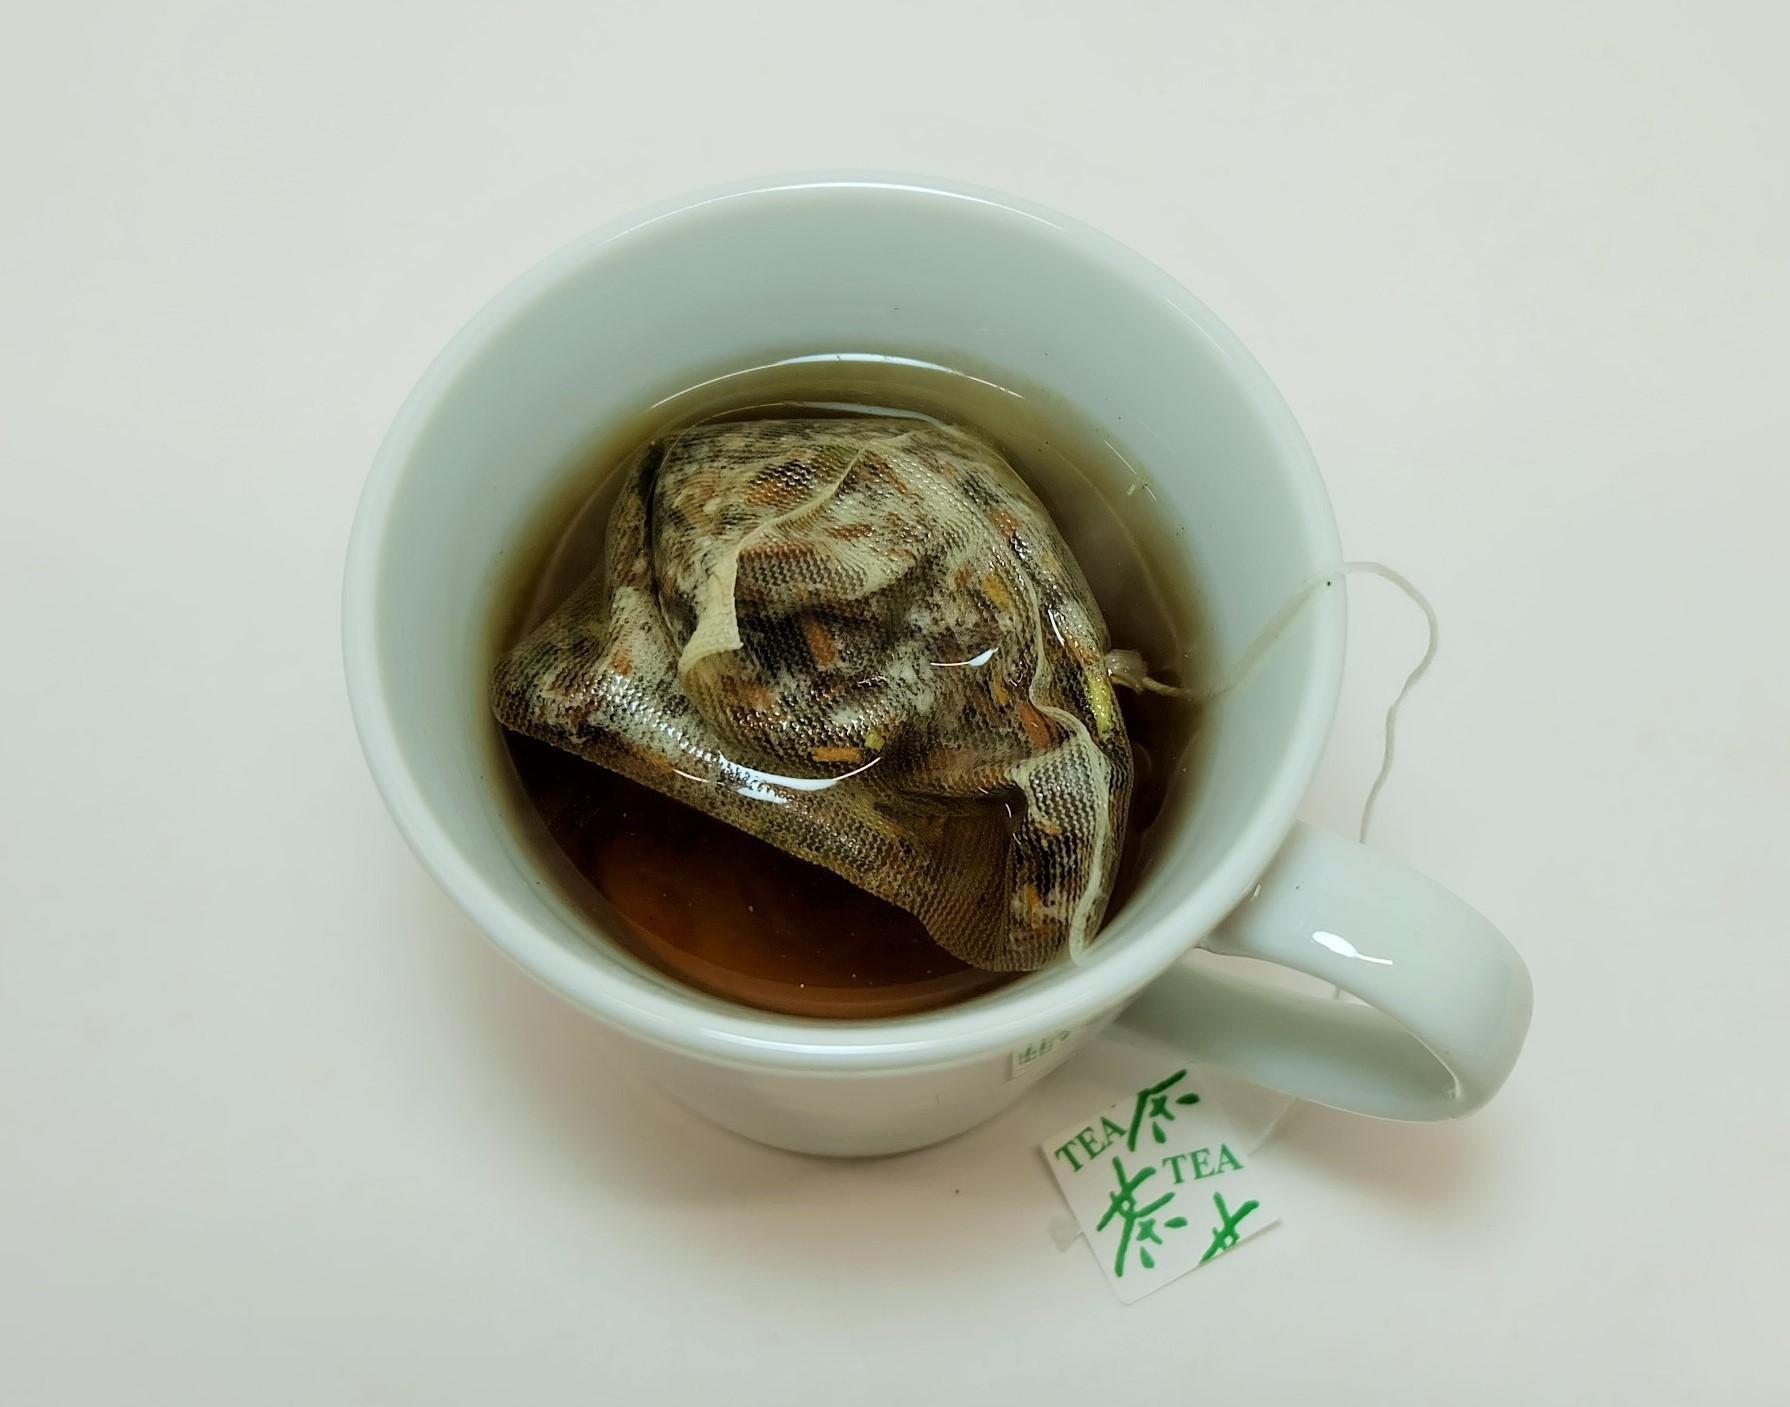 NEW 癒しのほうじ茶TBシリーズ登場。_c0335087_18161276.jpg